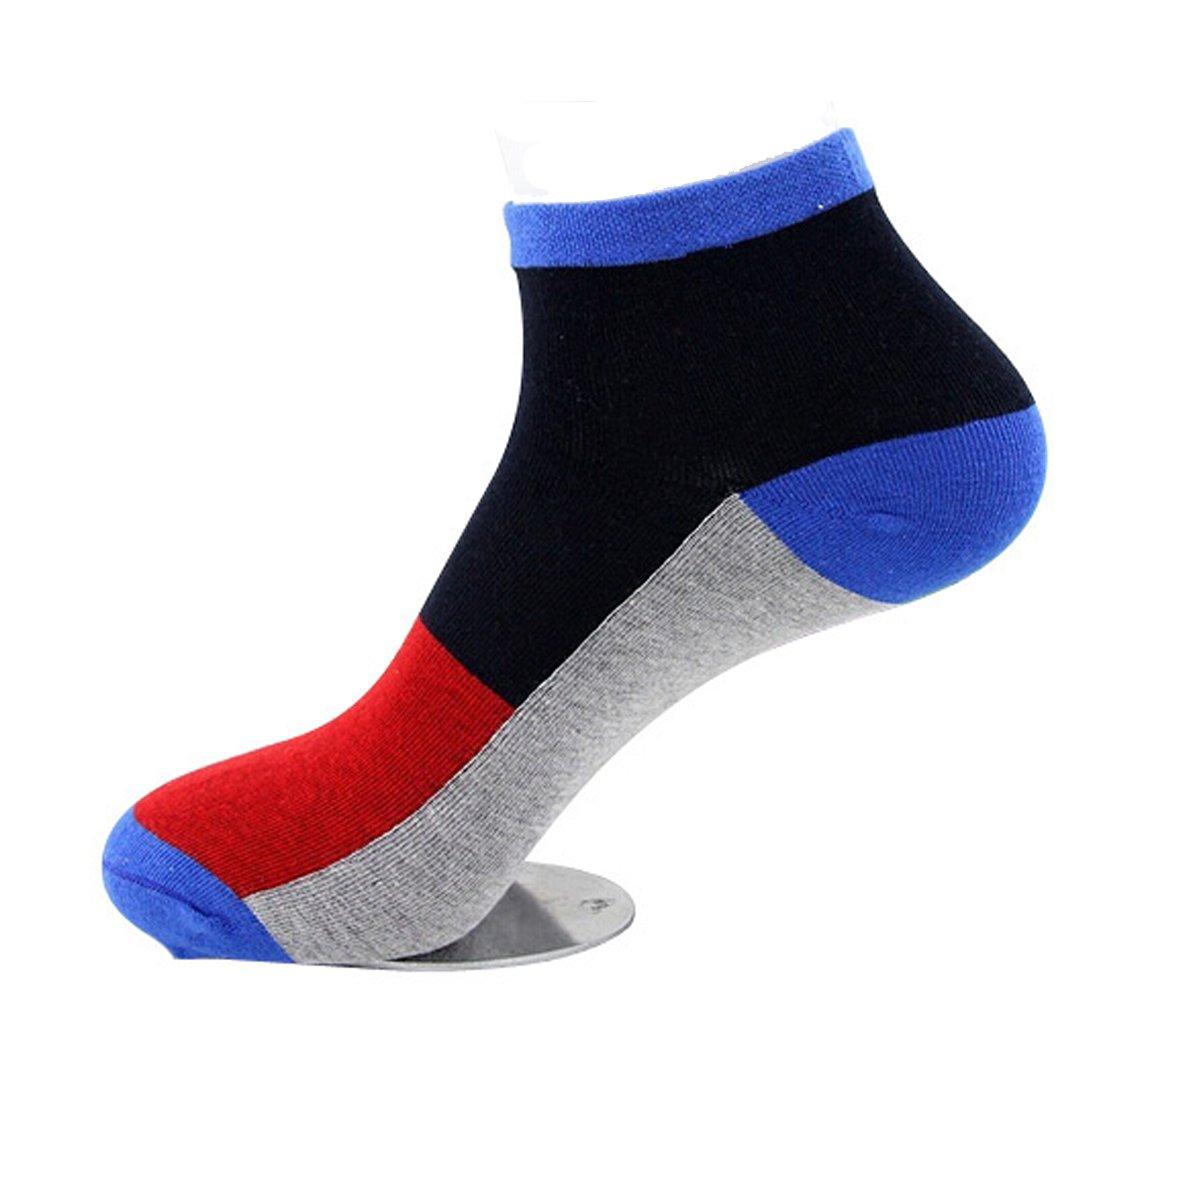 LONGQI Chaussettes de Bateau pour Homme Faible Couper Solide Coton antidérapant Courte Tube Chaussettes de Sport